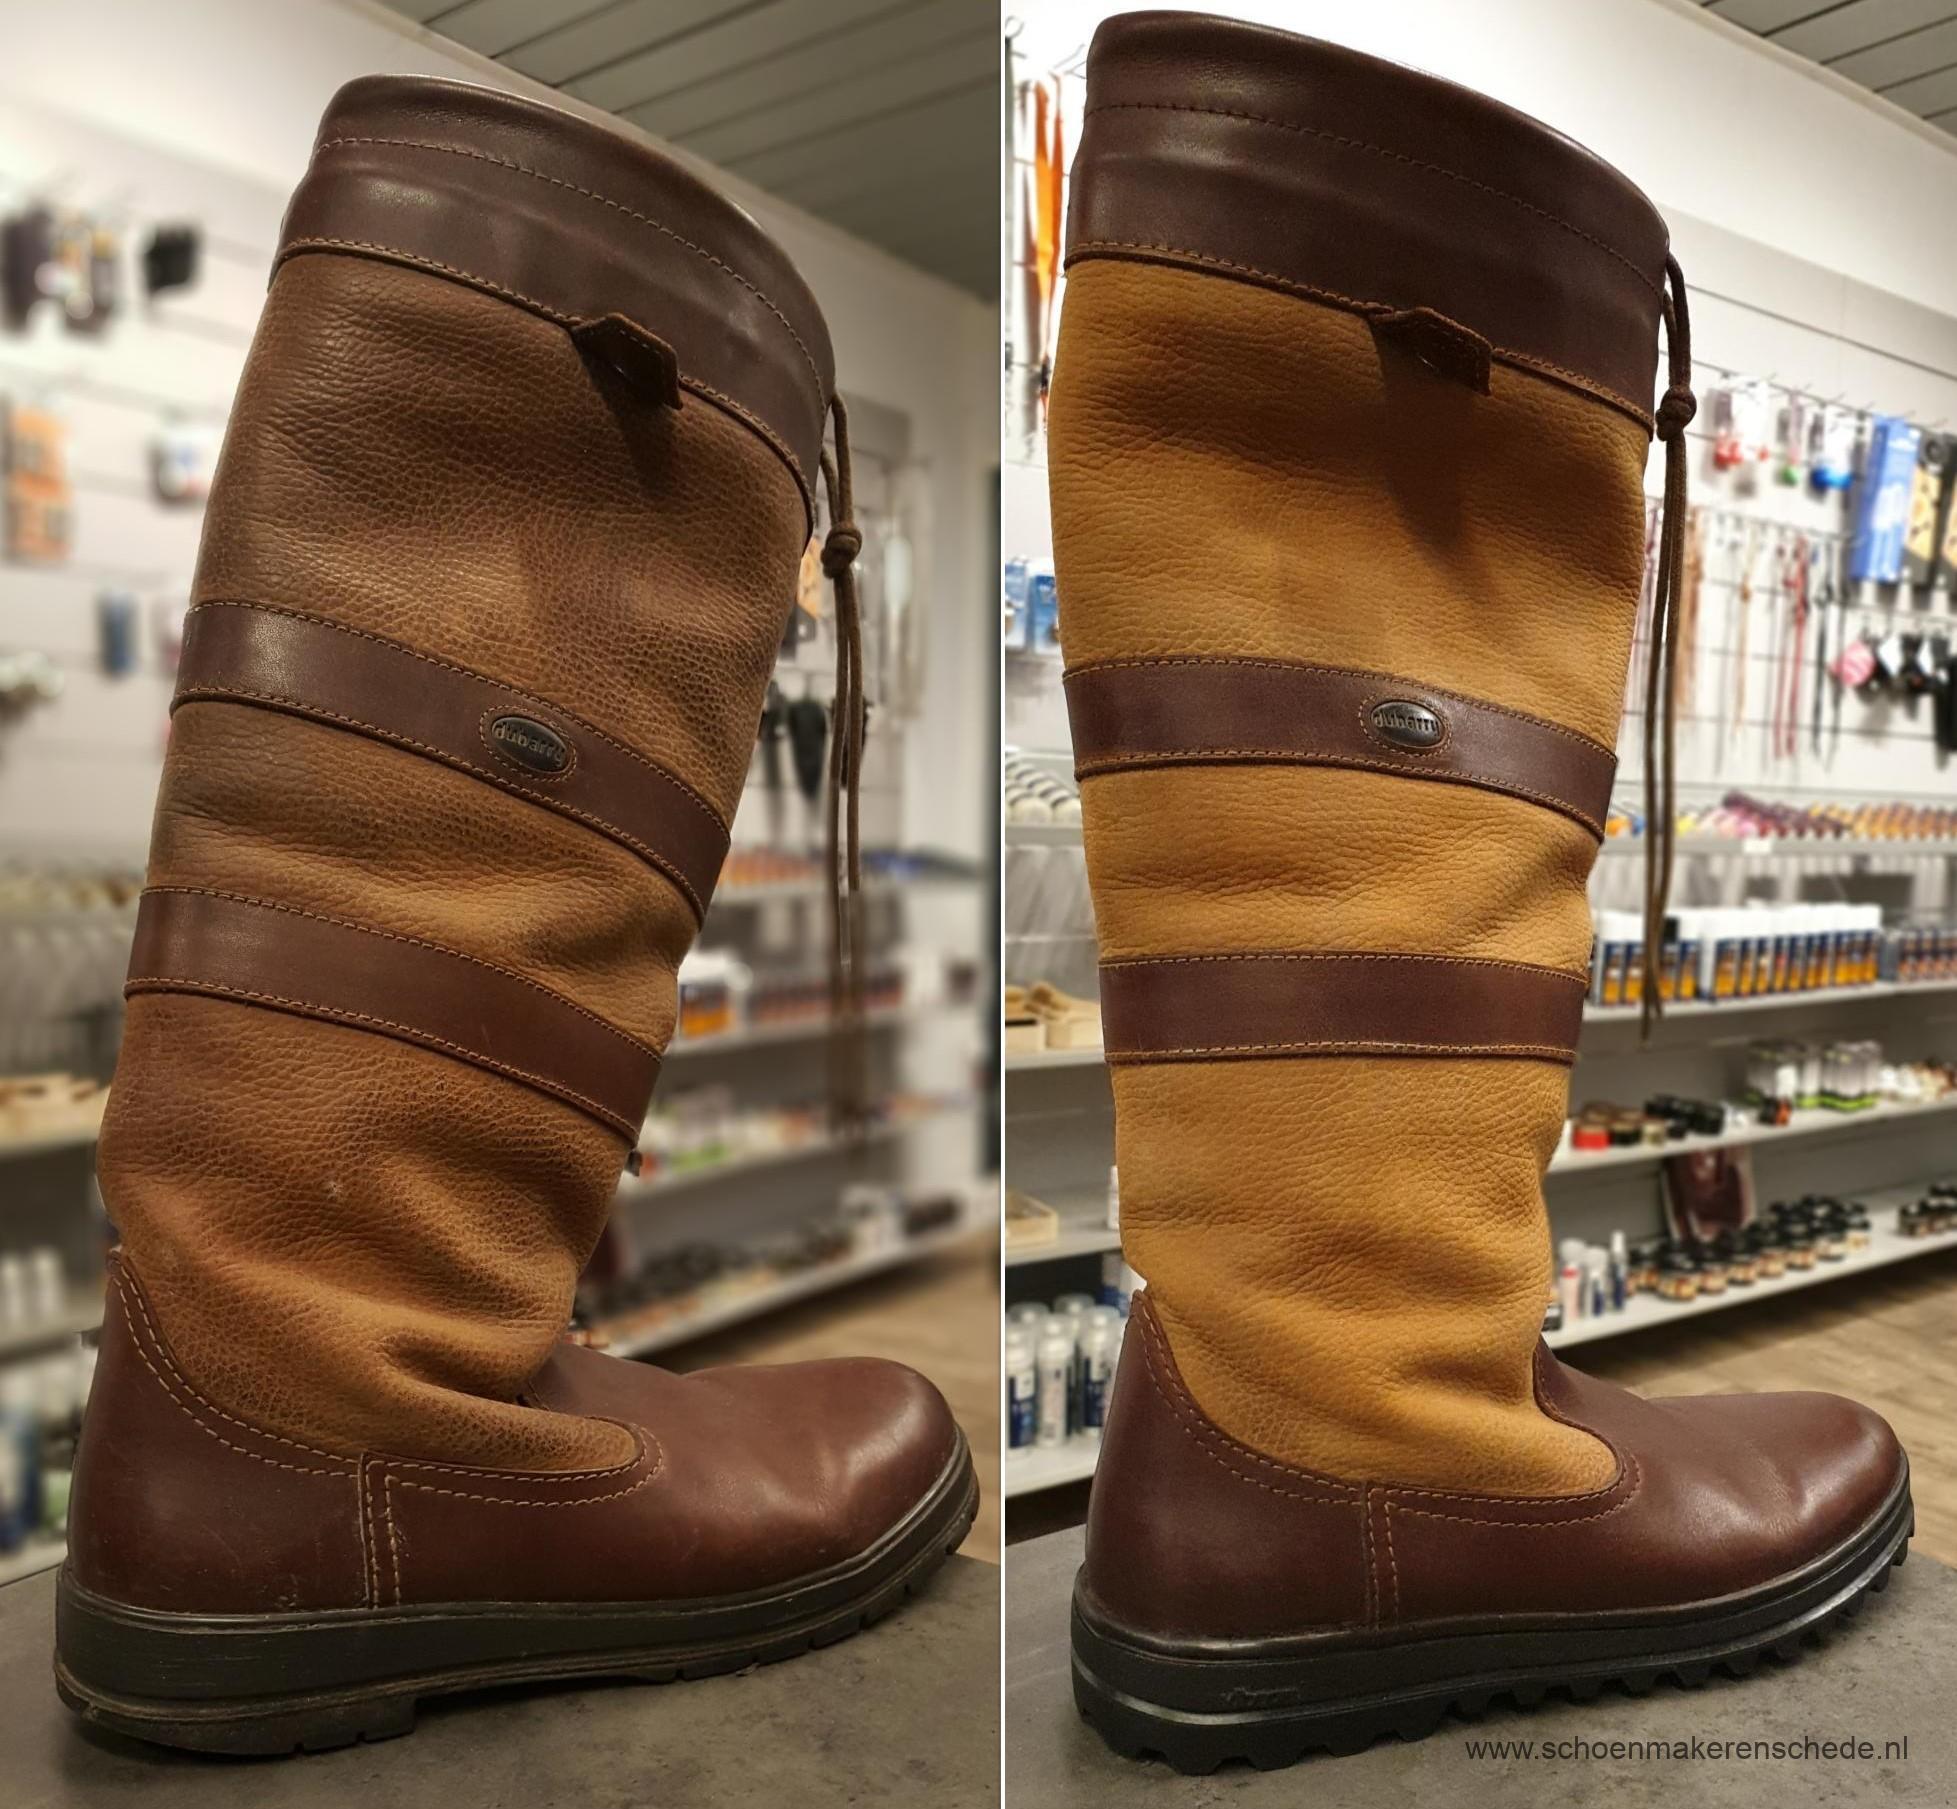 Dubarry laarzen verzolen – Schoenmaker Enschede